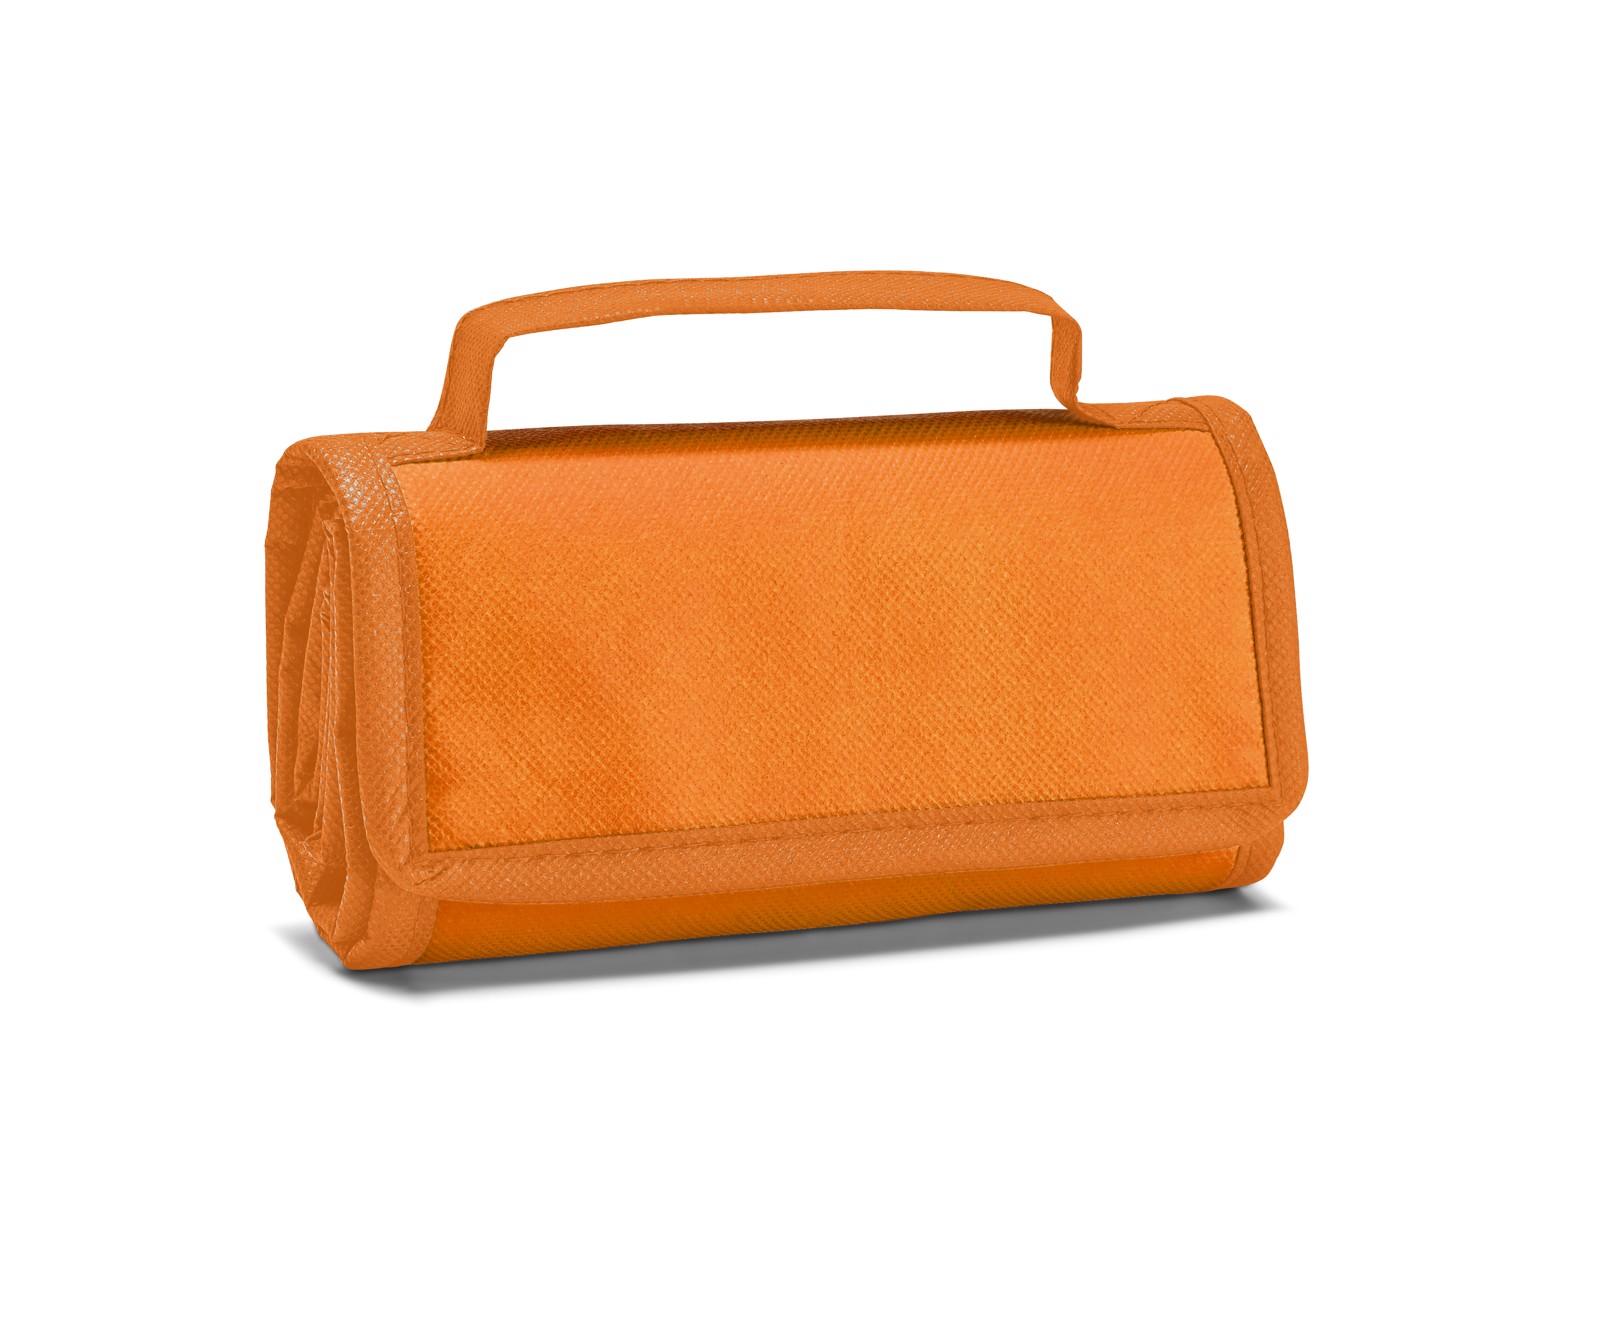 OSAKA. Skládací chladicí taška 3 l - Oranžová